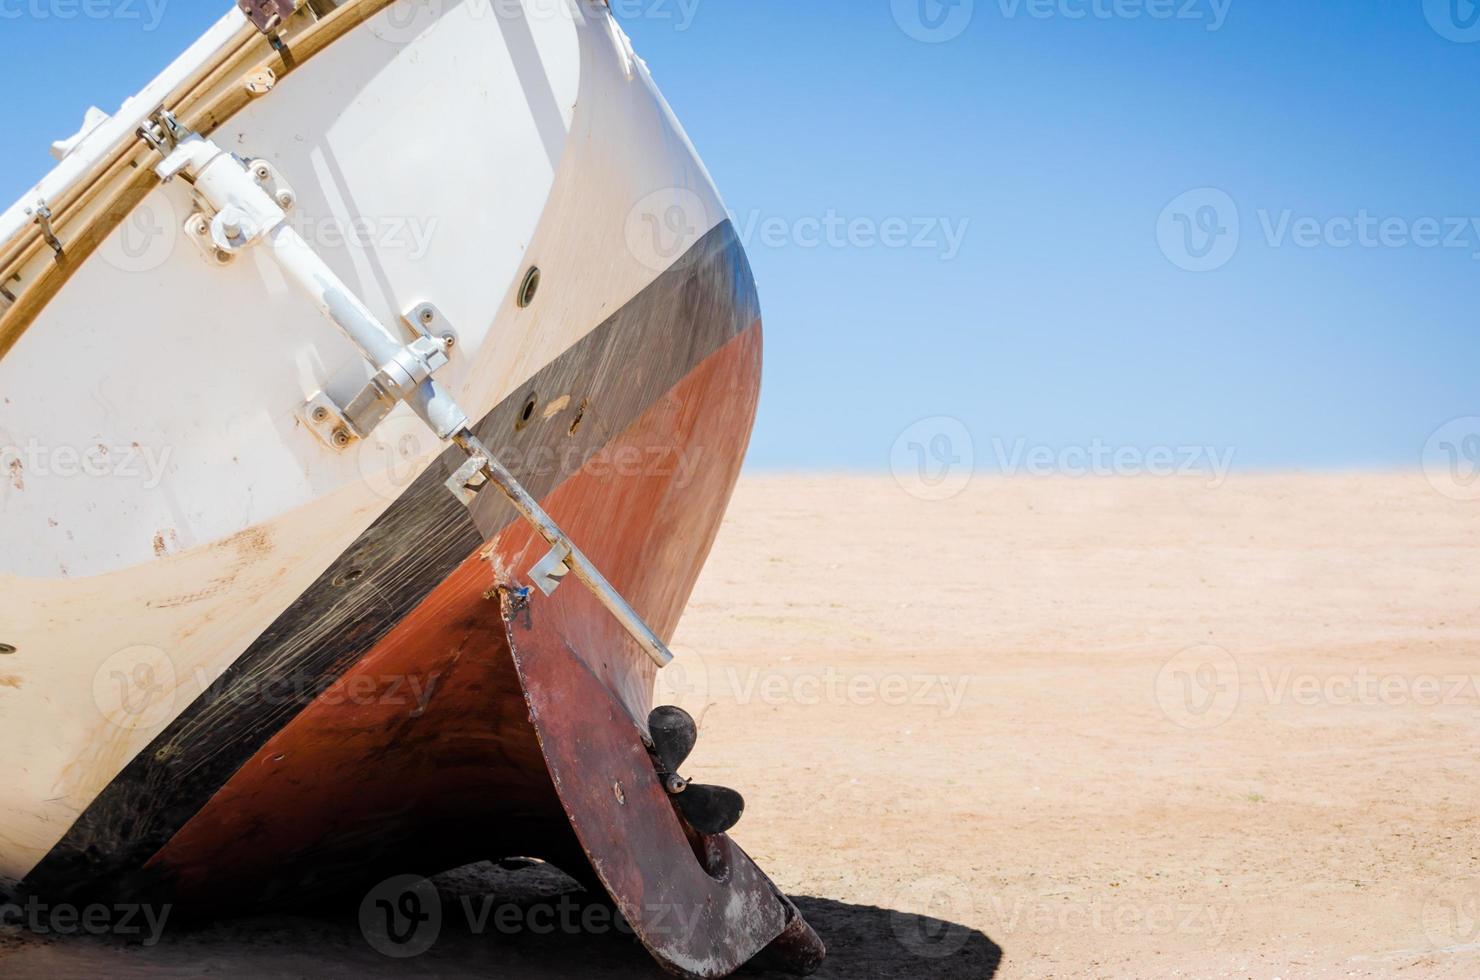 verlaten oud jacht op het zand foto